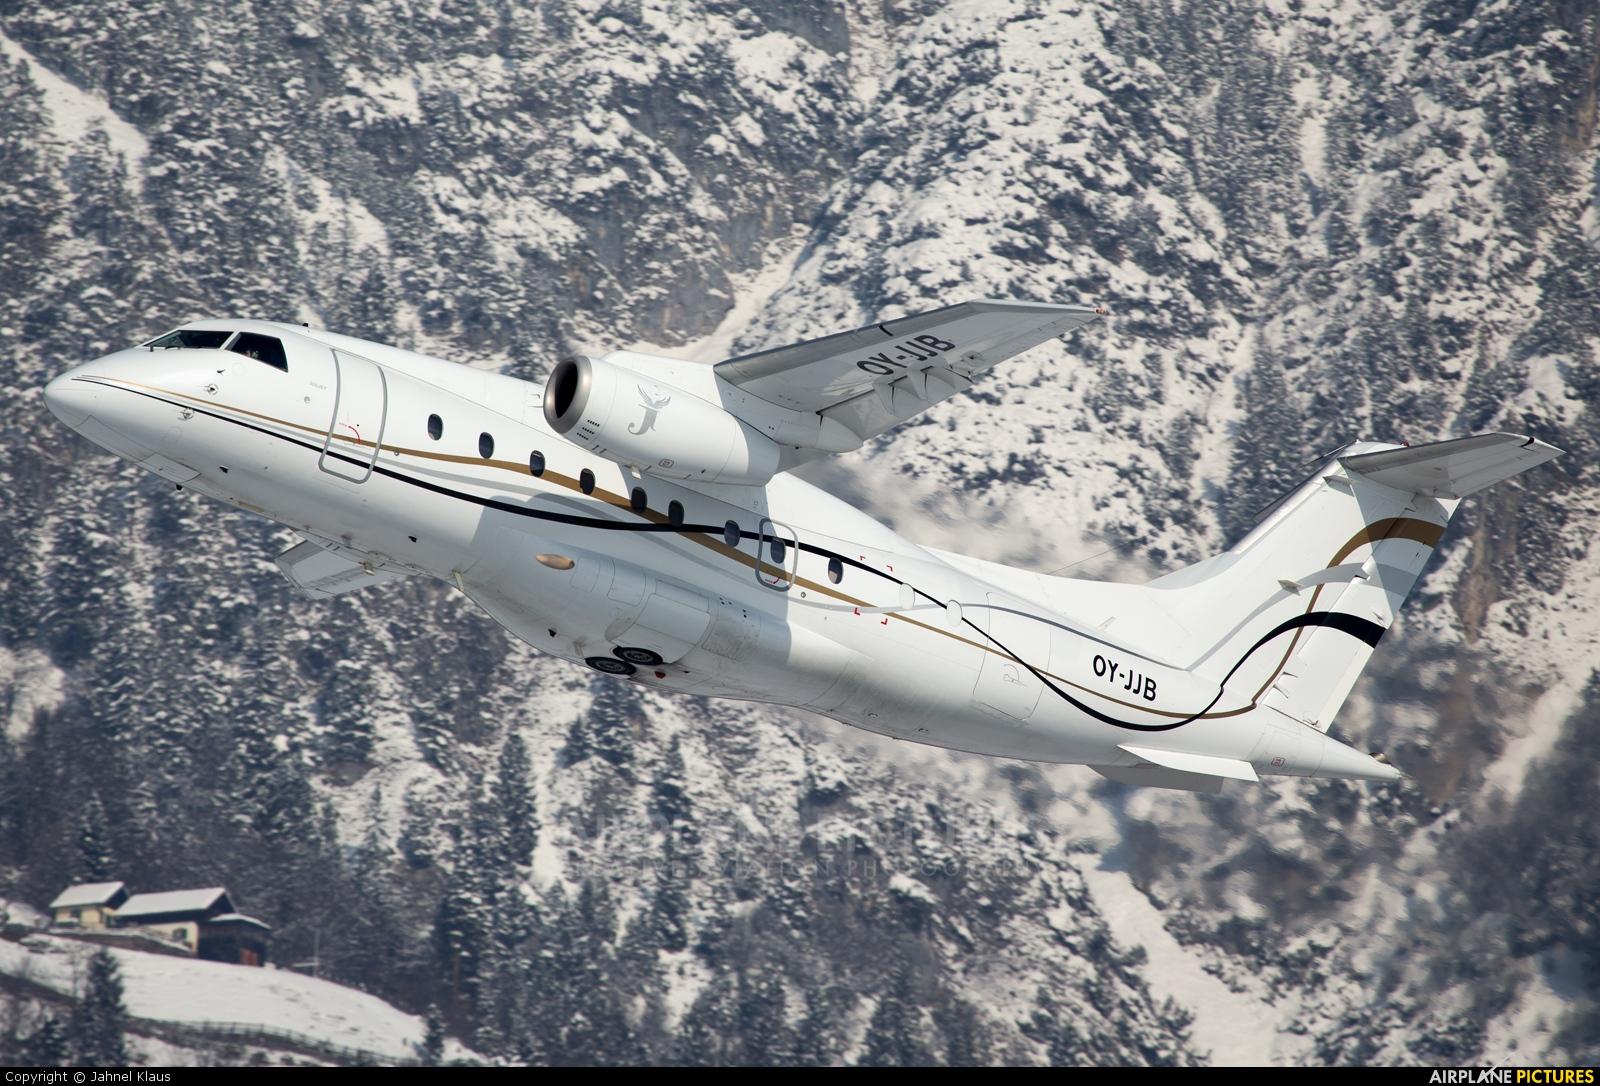 Sun Air OY-JJB aircraft at Innsbruck